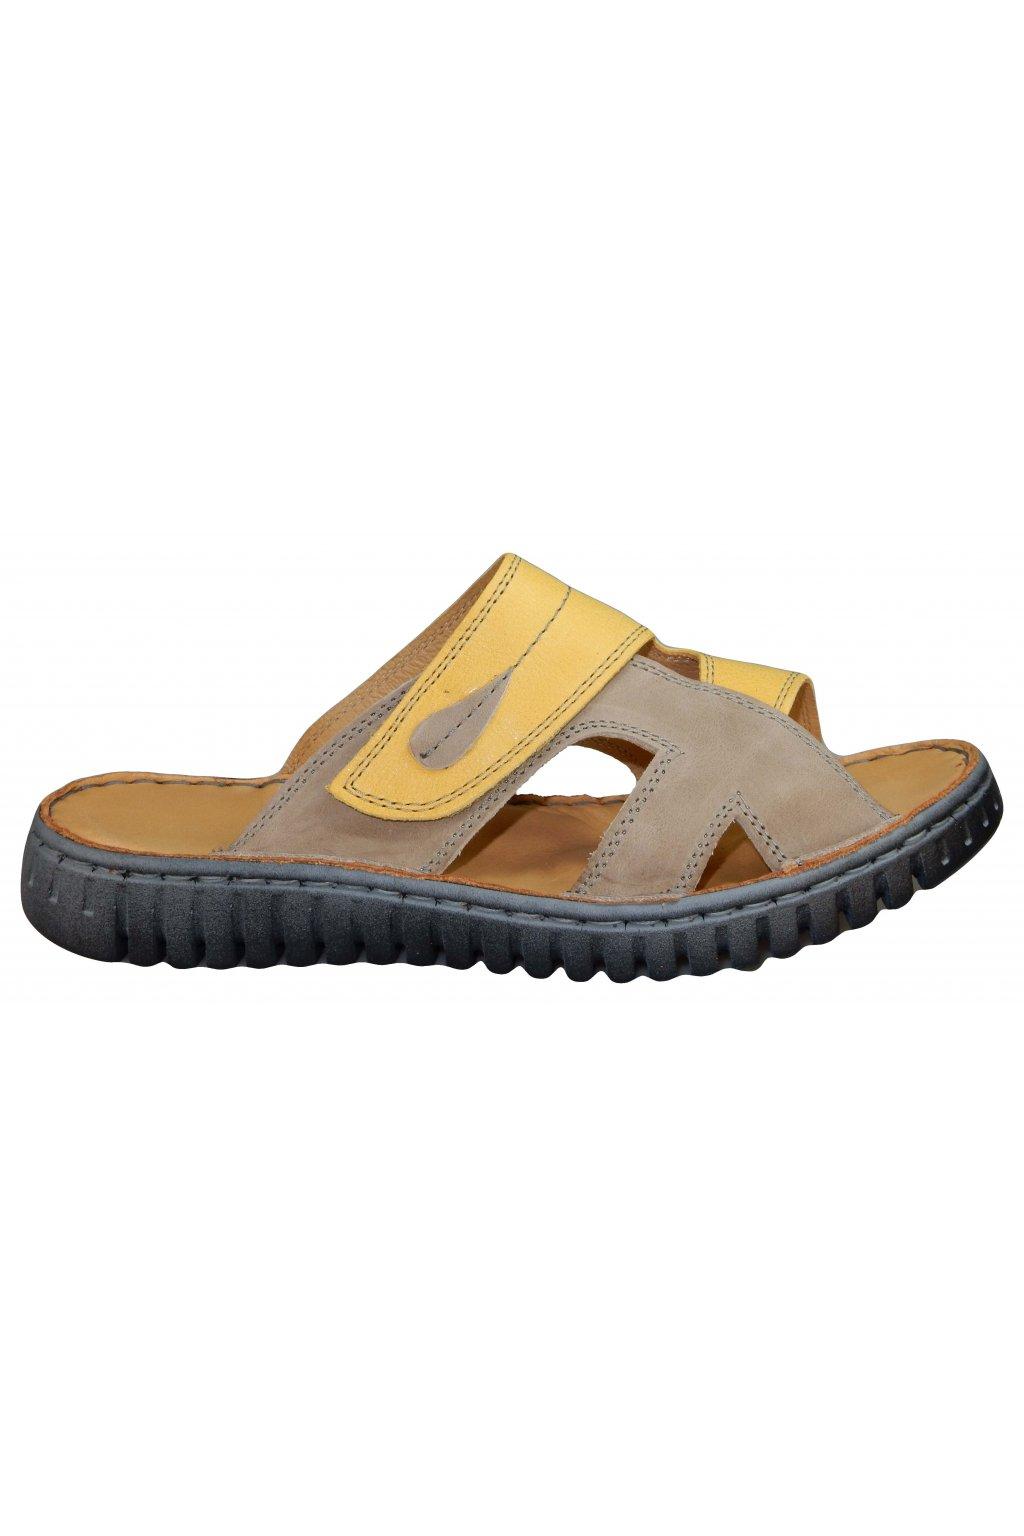 Dámské vycházkové pantofle ORTO PLUS 8061